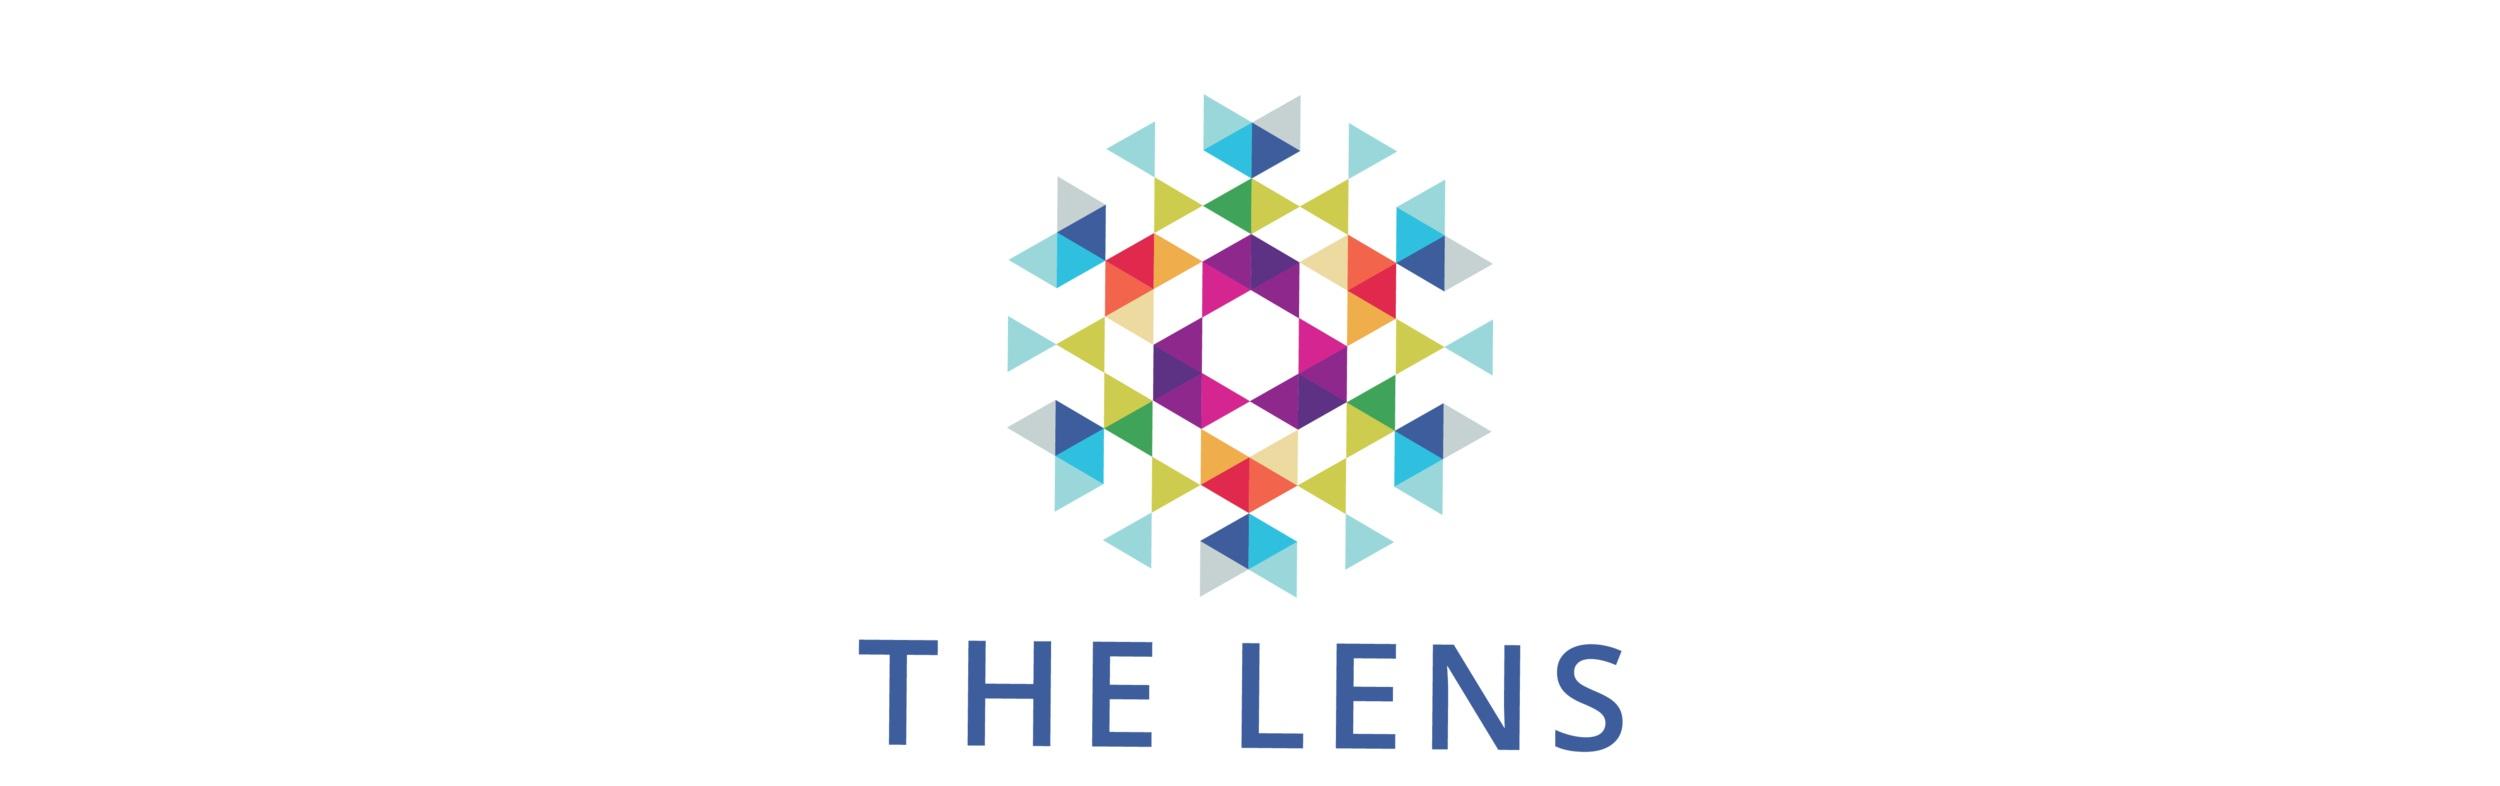 The+lens-03.jpg